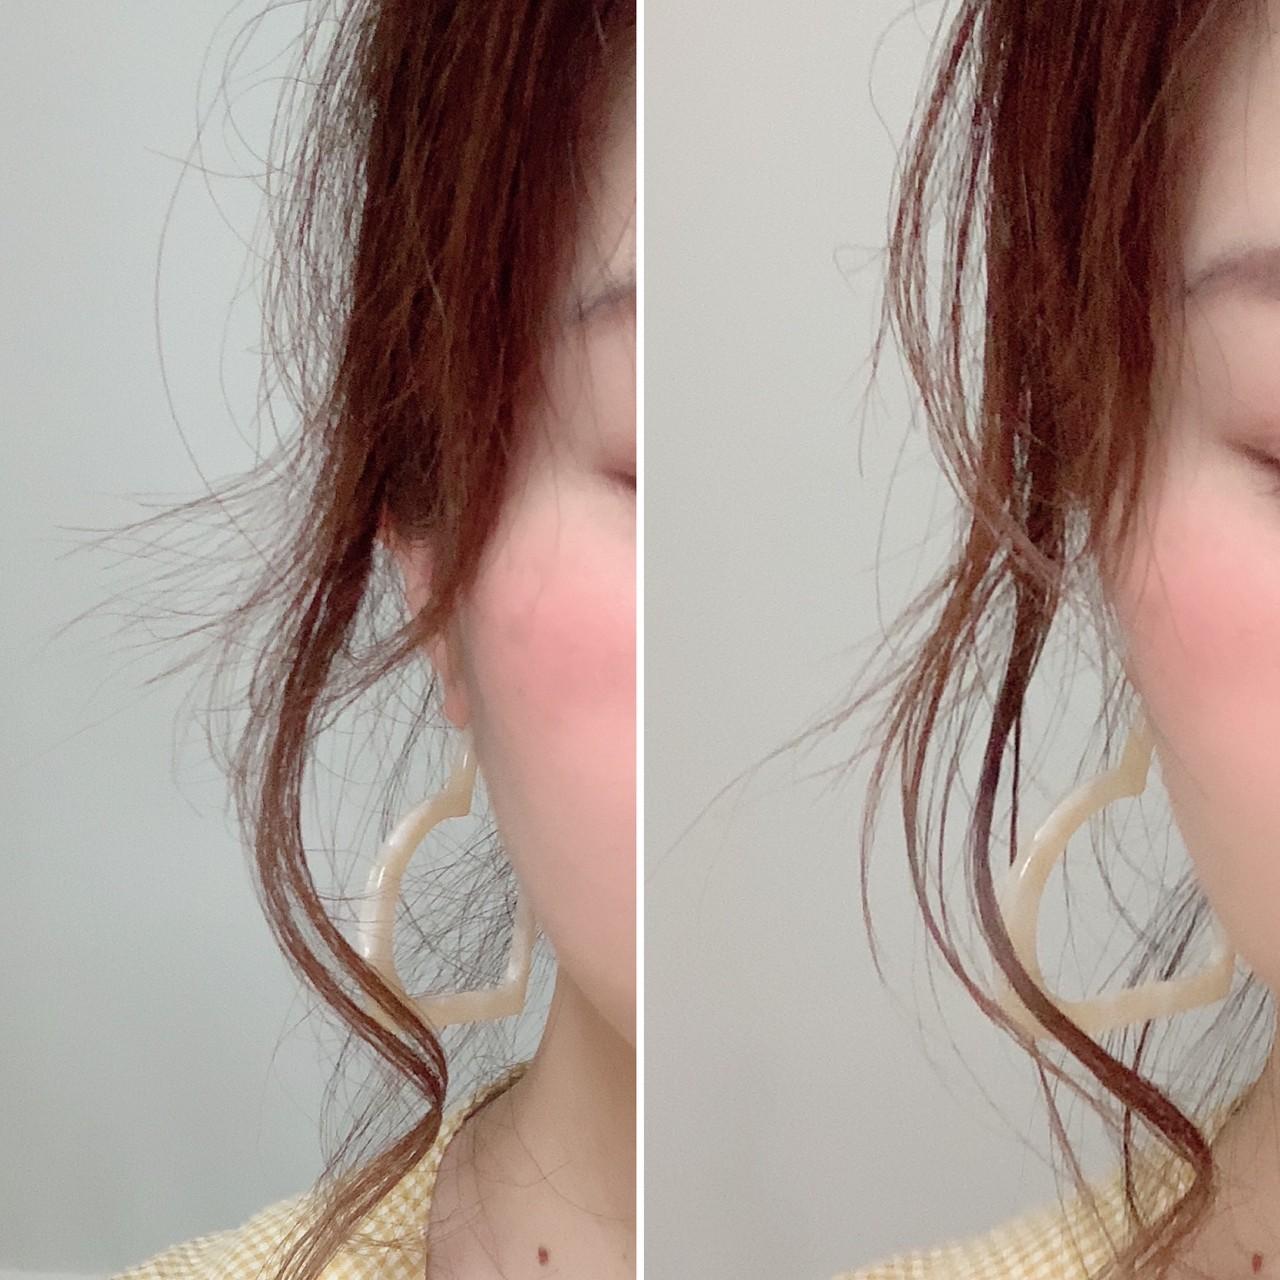 髪質別おすすめのヘアオイルや香りの良いヘアオイル9選紹介!選び方と使い方も解説の画像